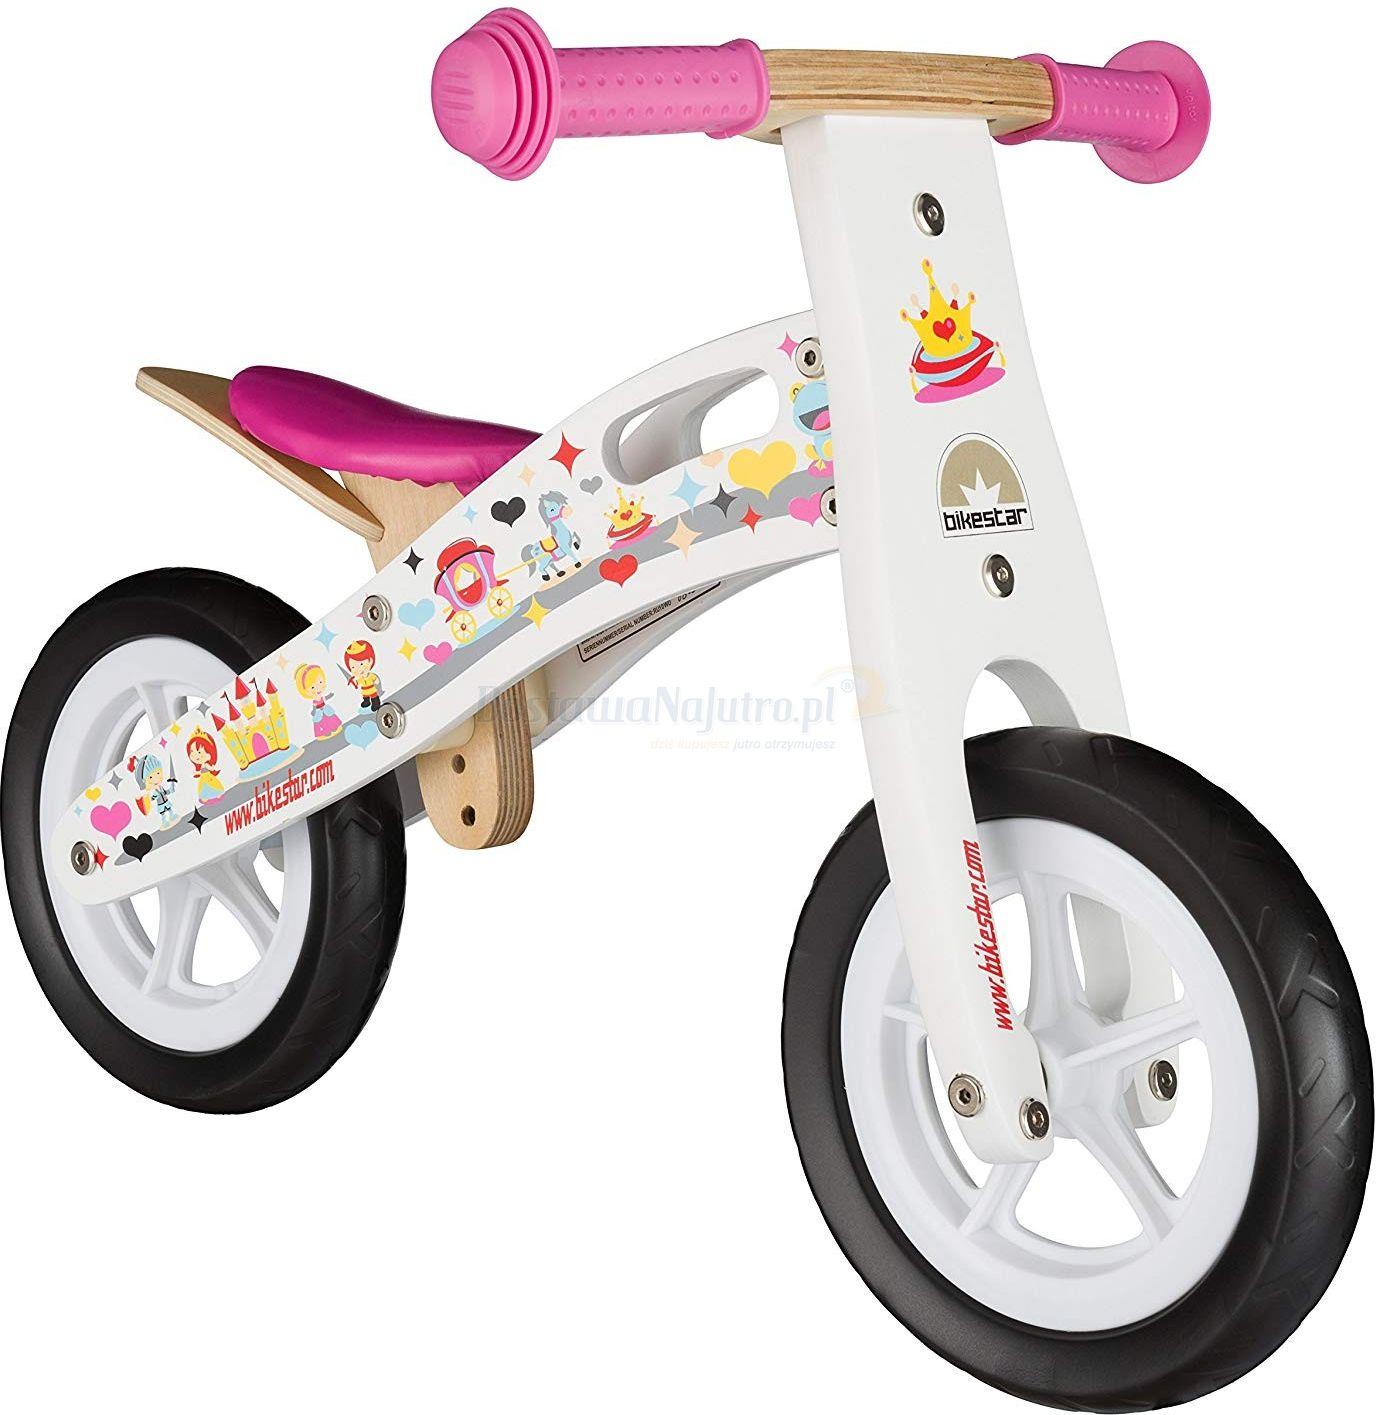 """Rowerek biegowy dwukołowy Bike Star 10"""" drewniana rama"""